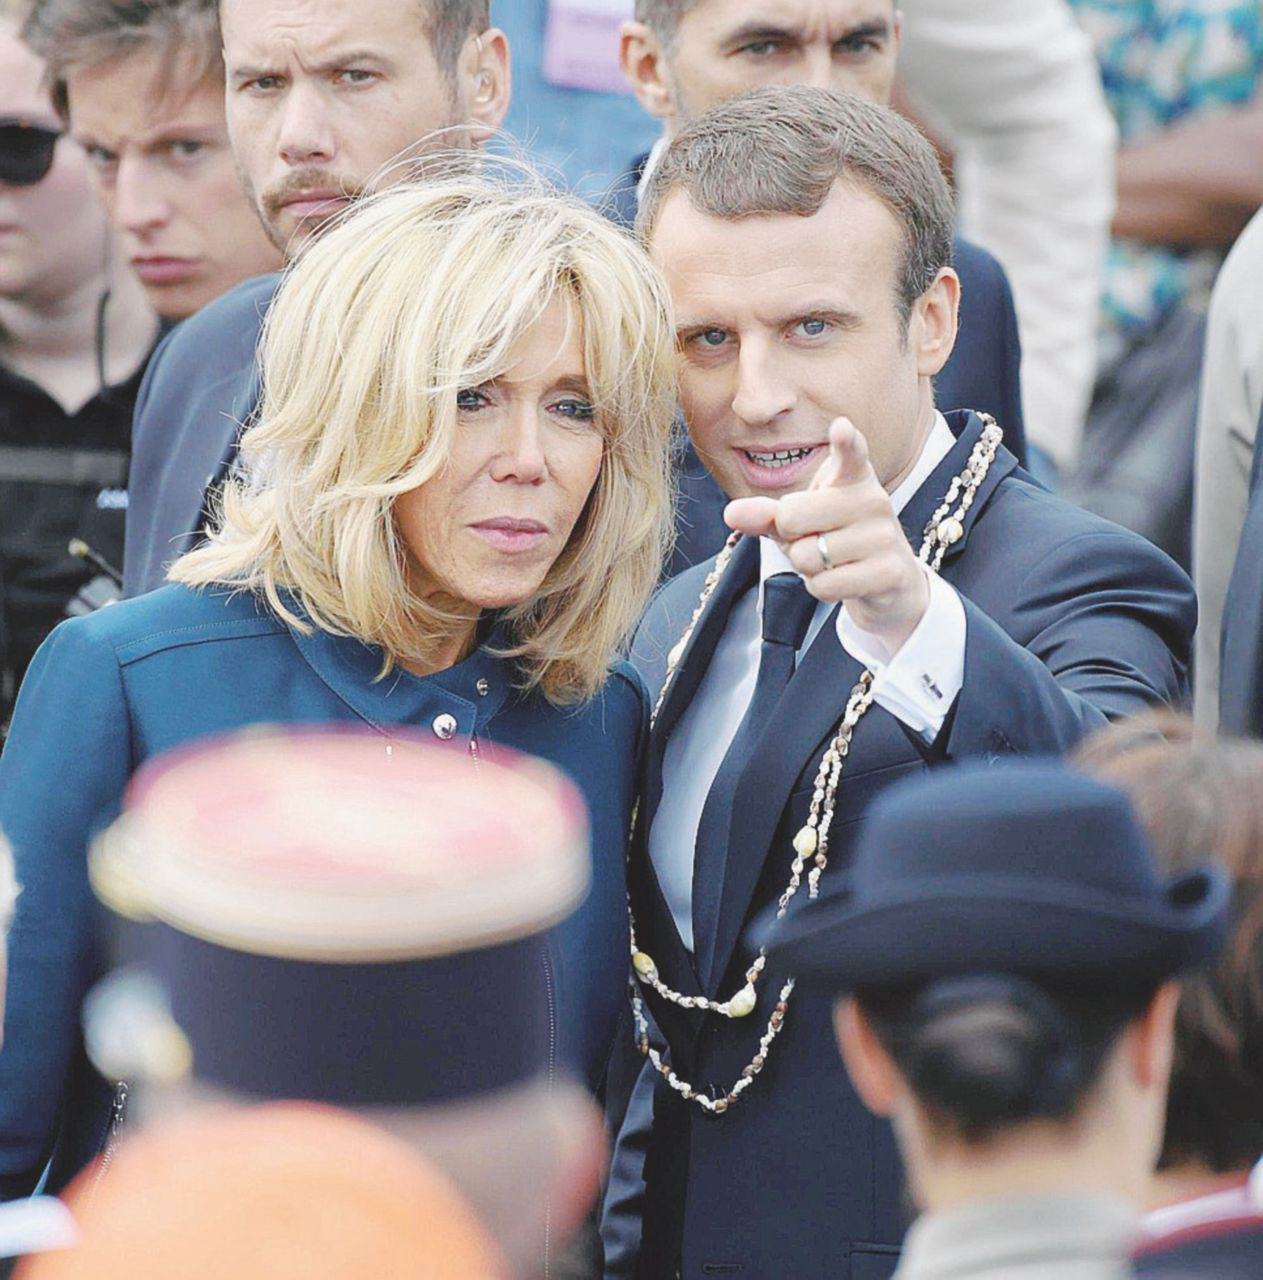 Les jeux sont faits. I francesi voltano le spalle a Macron